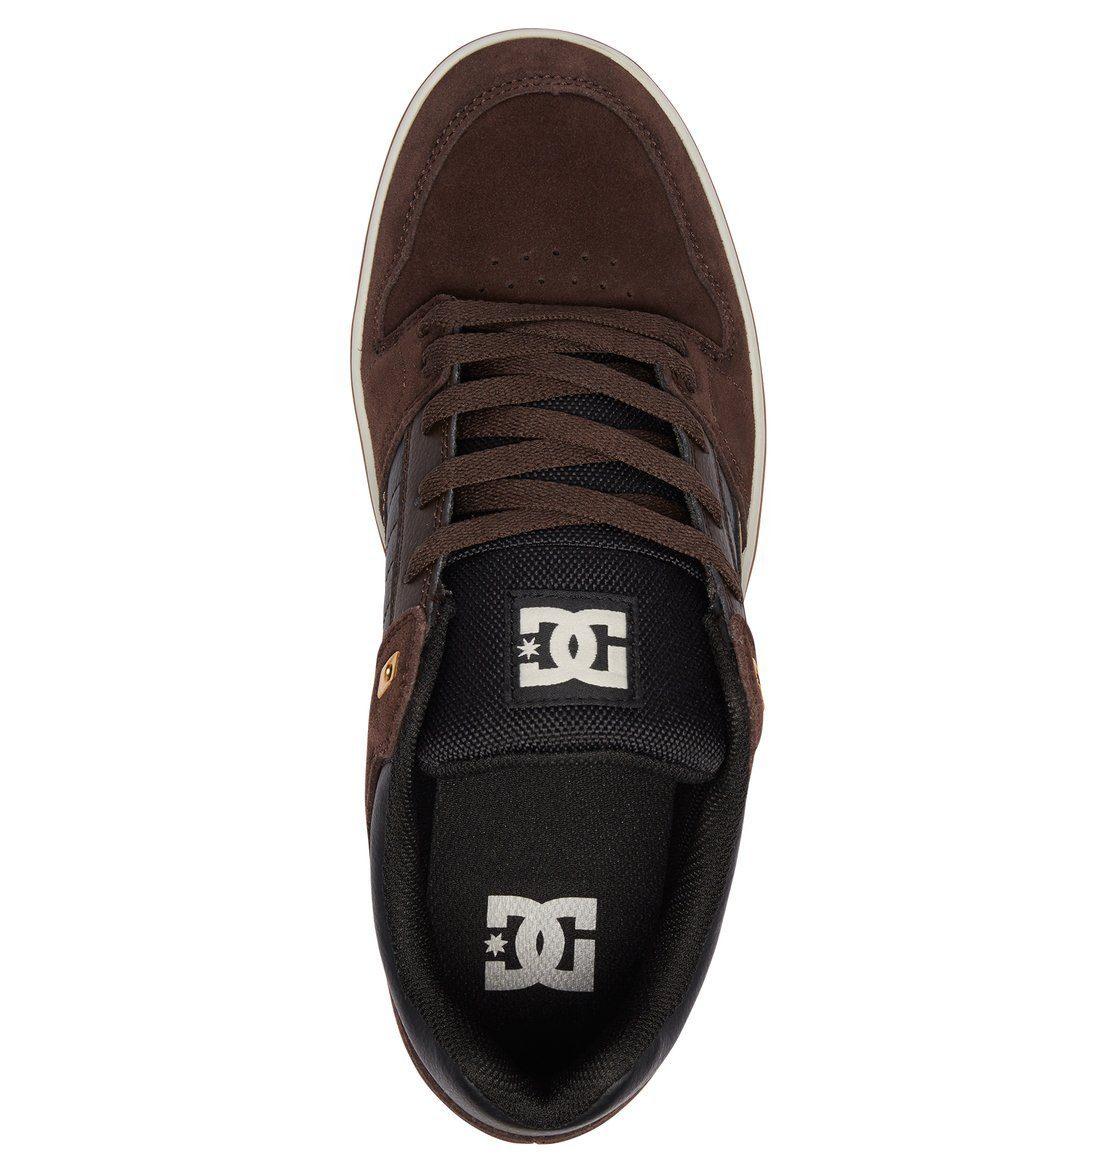 nr Course Online Kaufen Artikel Braun Se Dc 7924486399 2 Shoes Textilunterlagen Schuhe 0nYnwUSWz